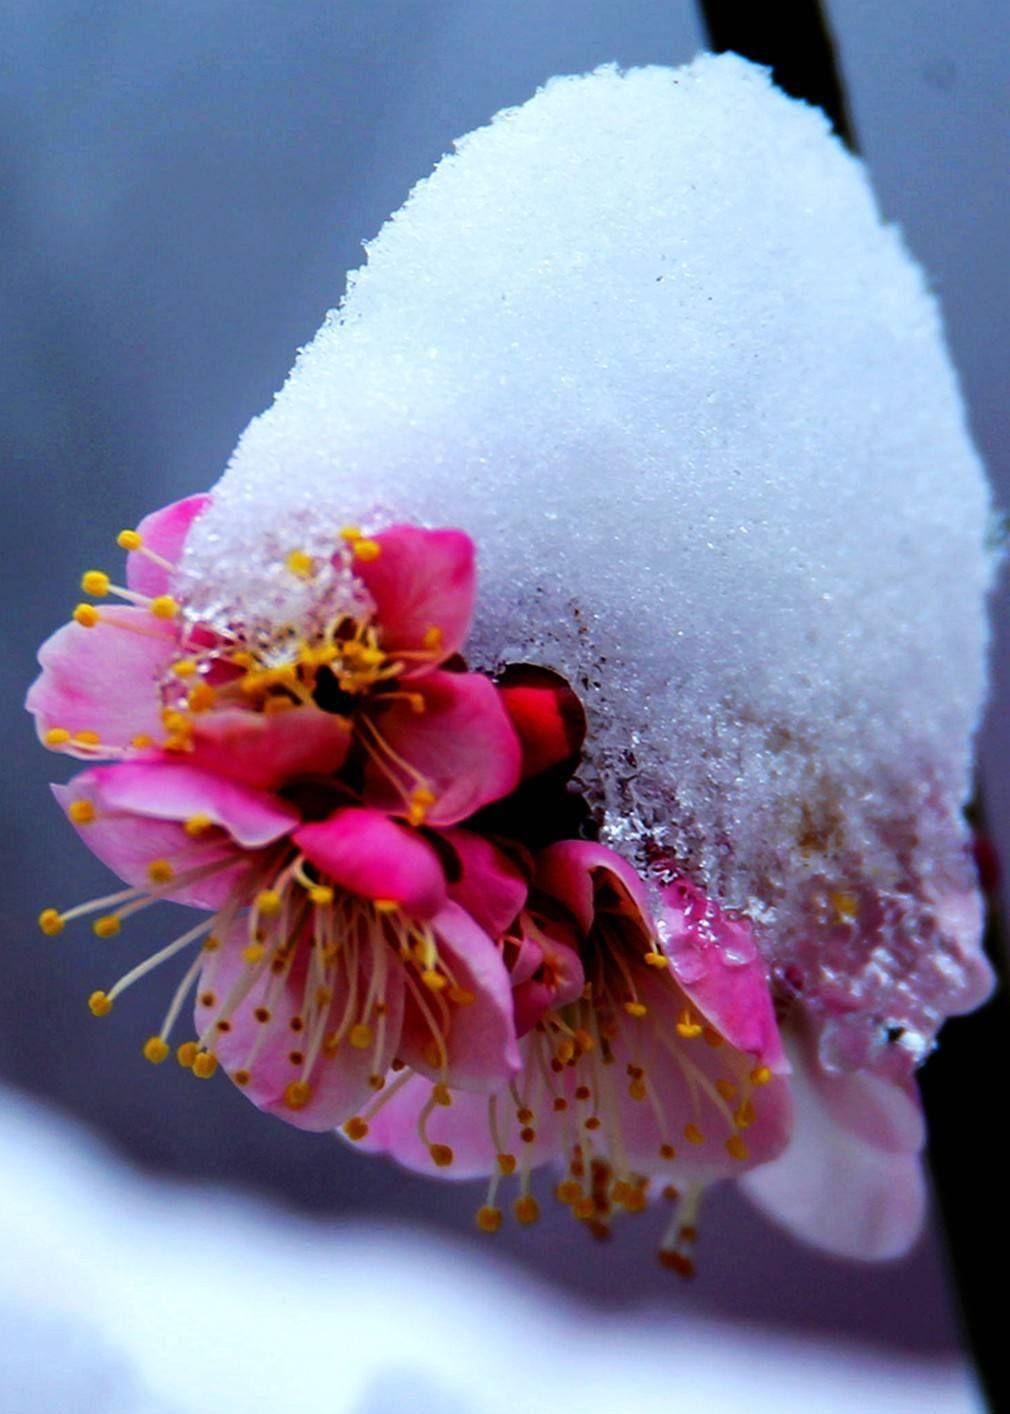 梅花山六:位于南京市紫金山明孝陵景区内,是钟山风景名胜区部分